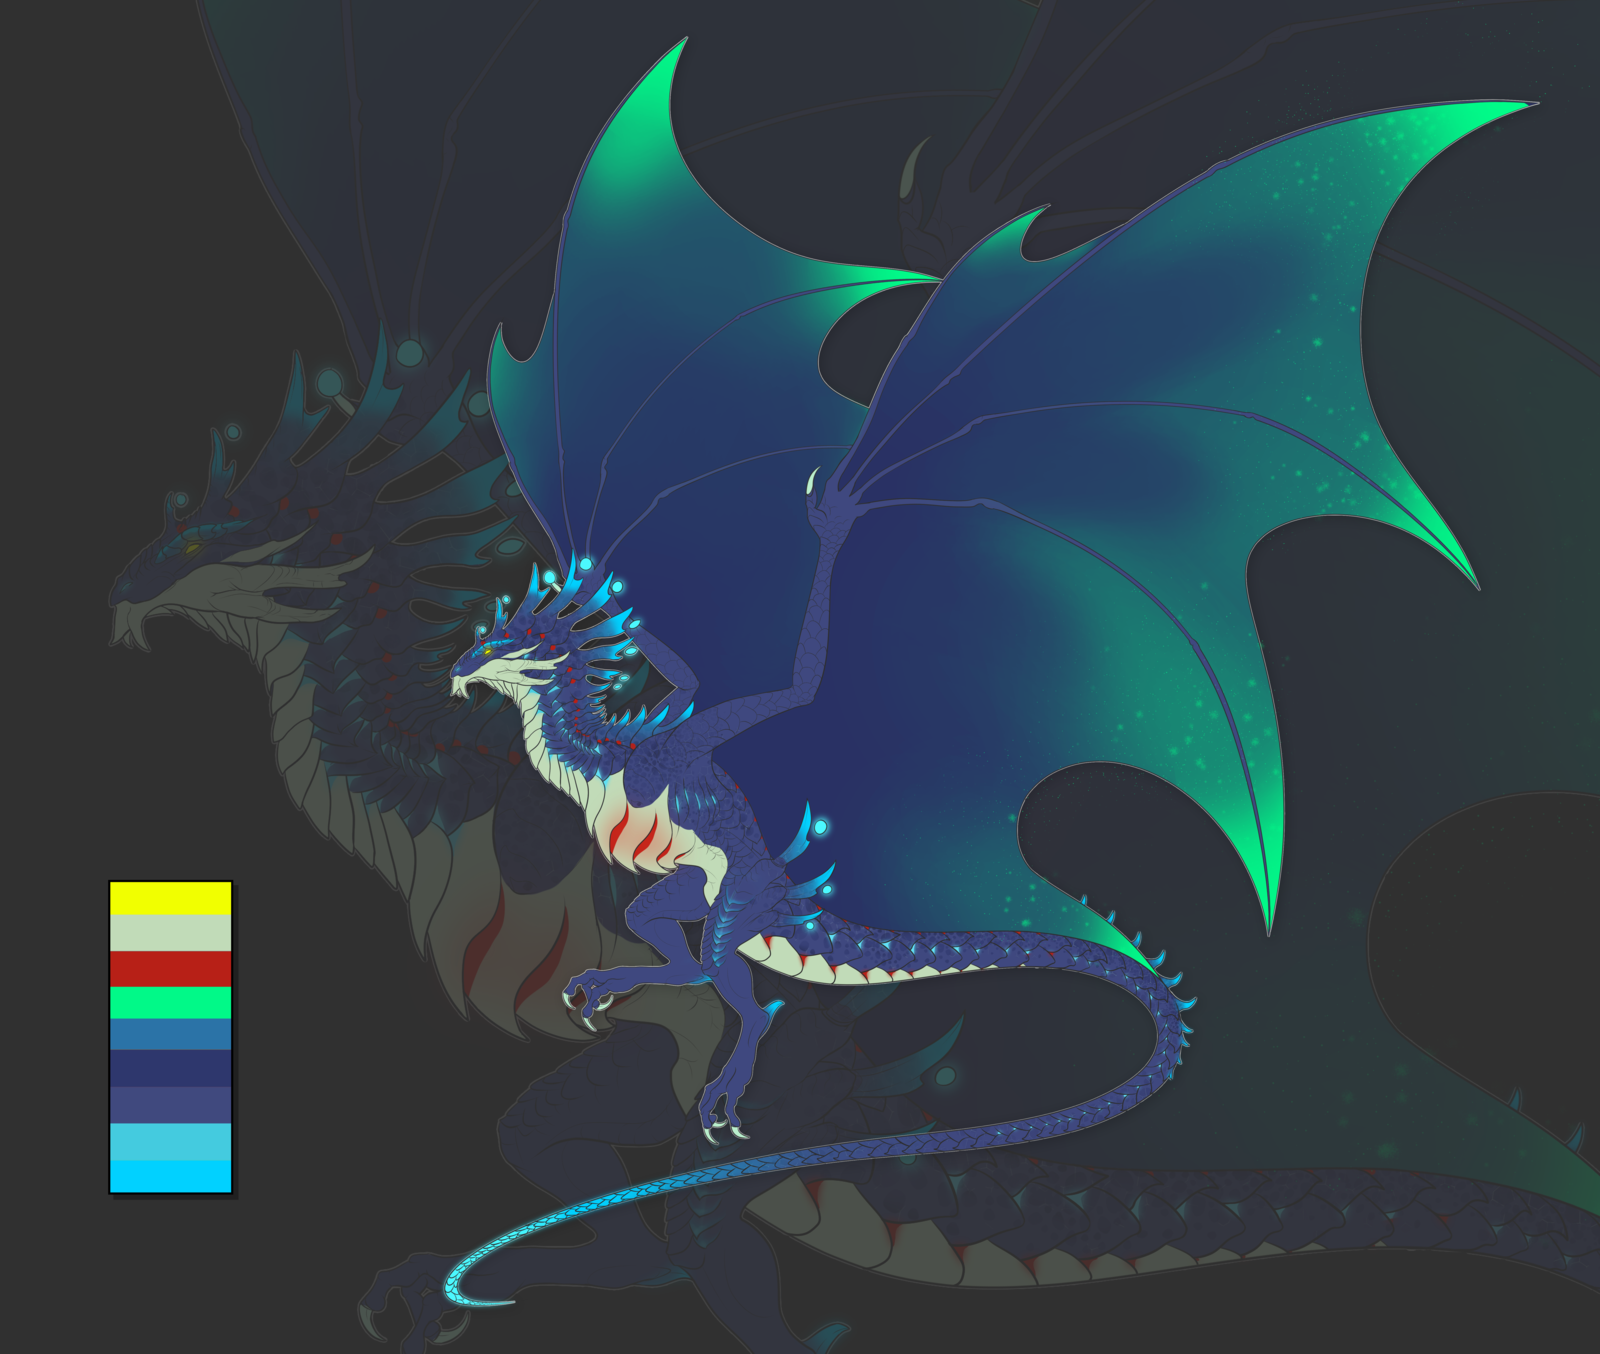 гифки с драконами и замками этой статье